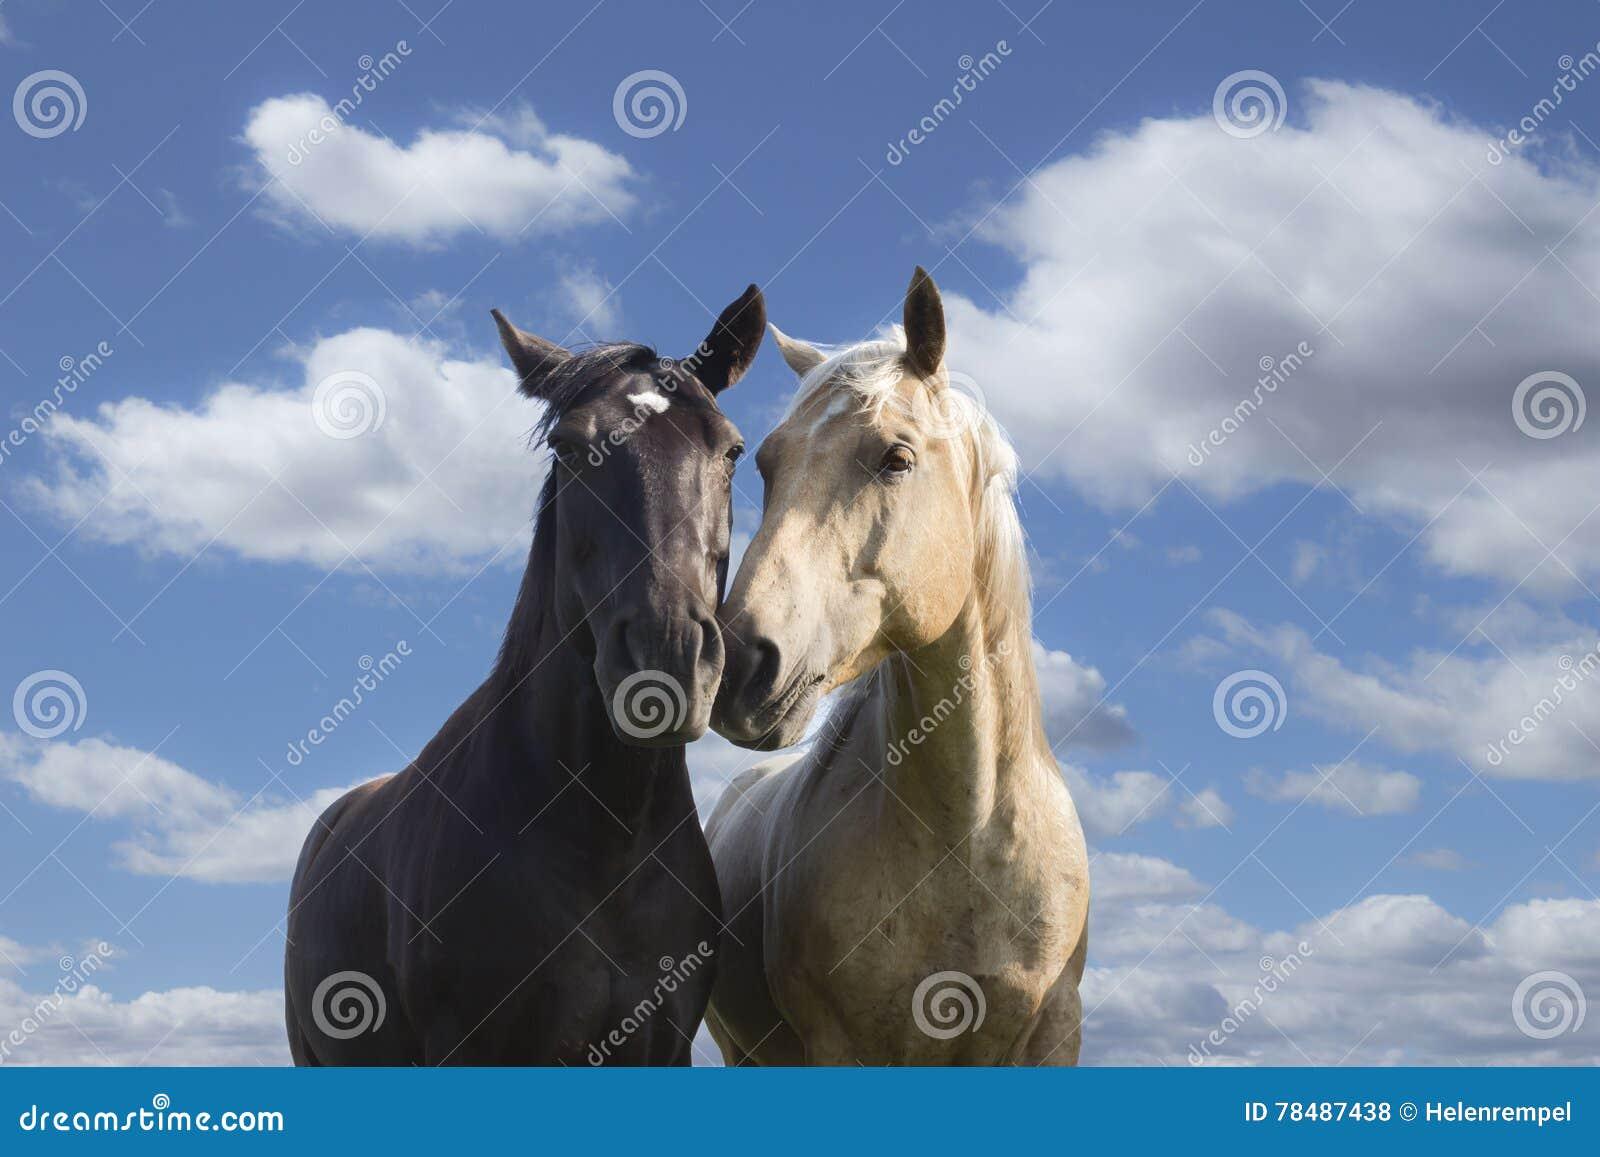 Δύο άλογα που σπρώχνουν με τη μουσούδα ενάντια σε έναν μπλε ουρανό με τα άσπρα σύννεφα